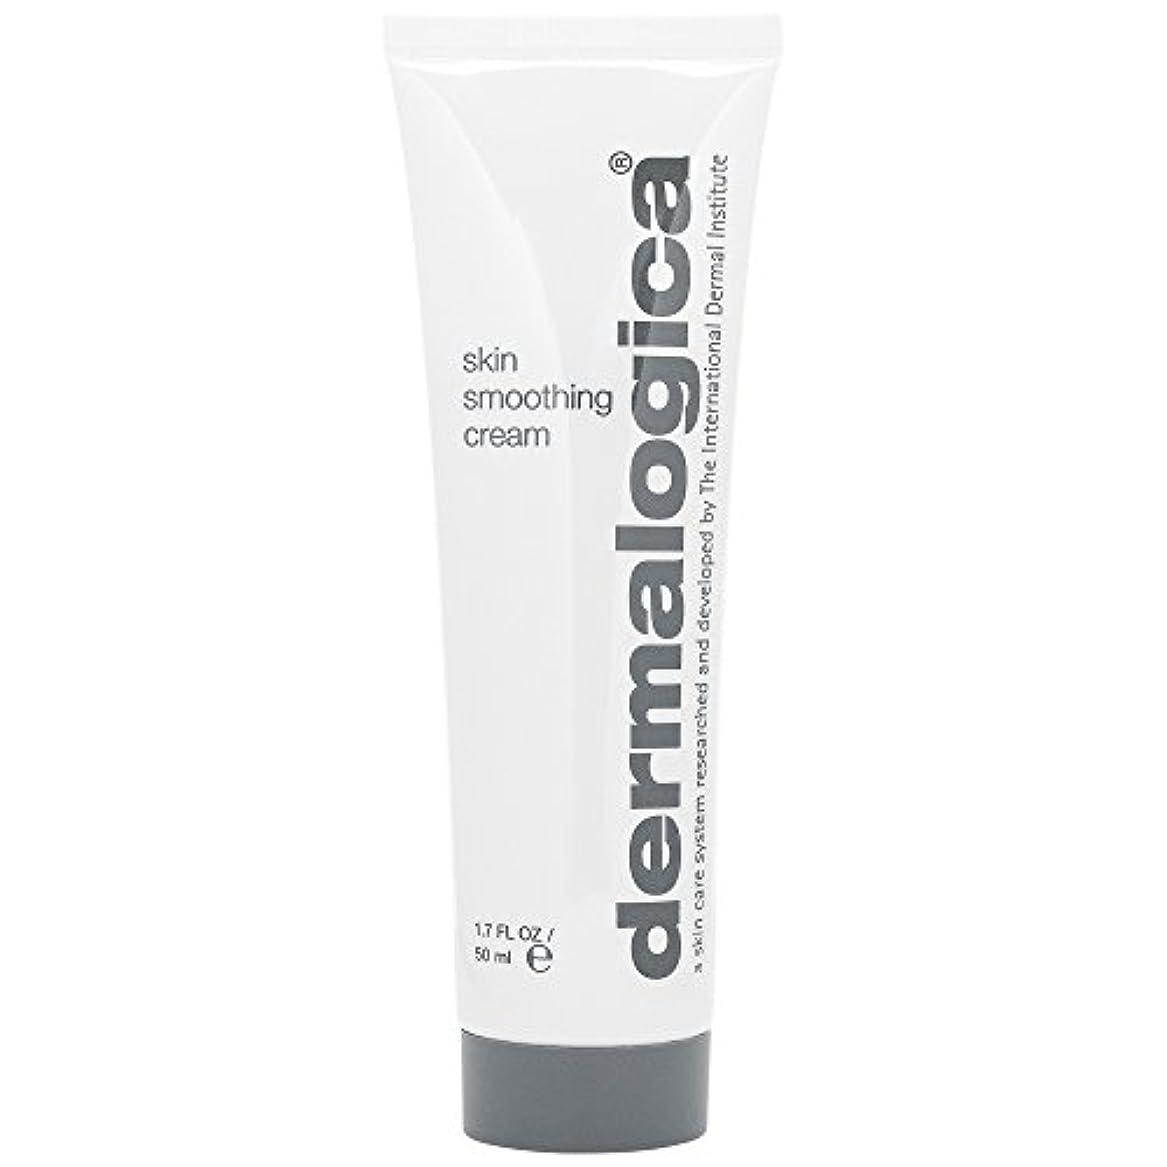 ギャップ顎追い出すダーマロジカスキンスムージングクリーム50ミリリットル (Dermalogica) - Dermalogica Skin Smoothing Cream 50ml [並行輸入品]